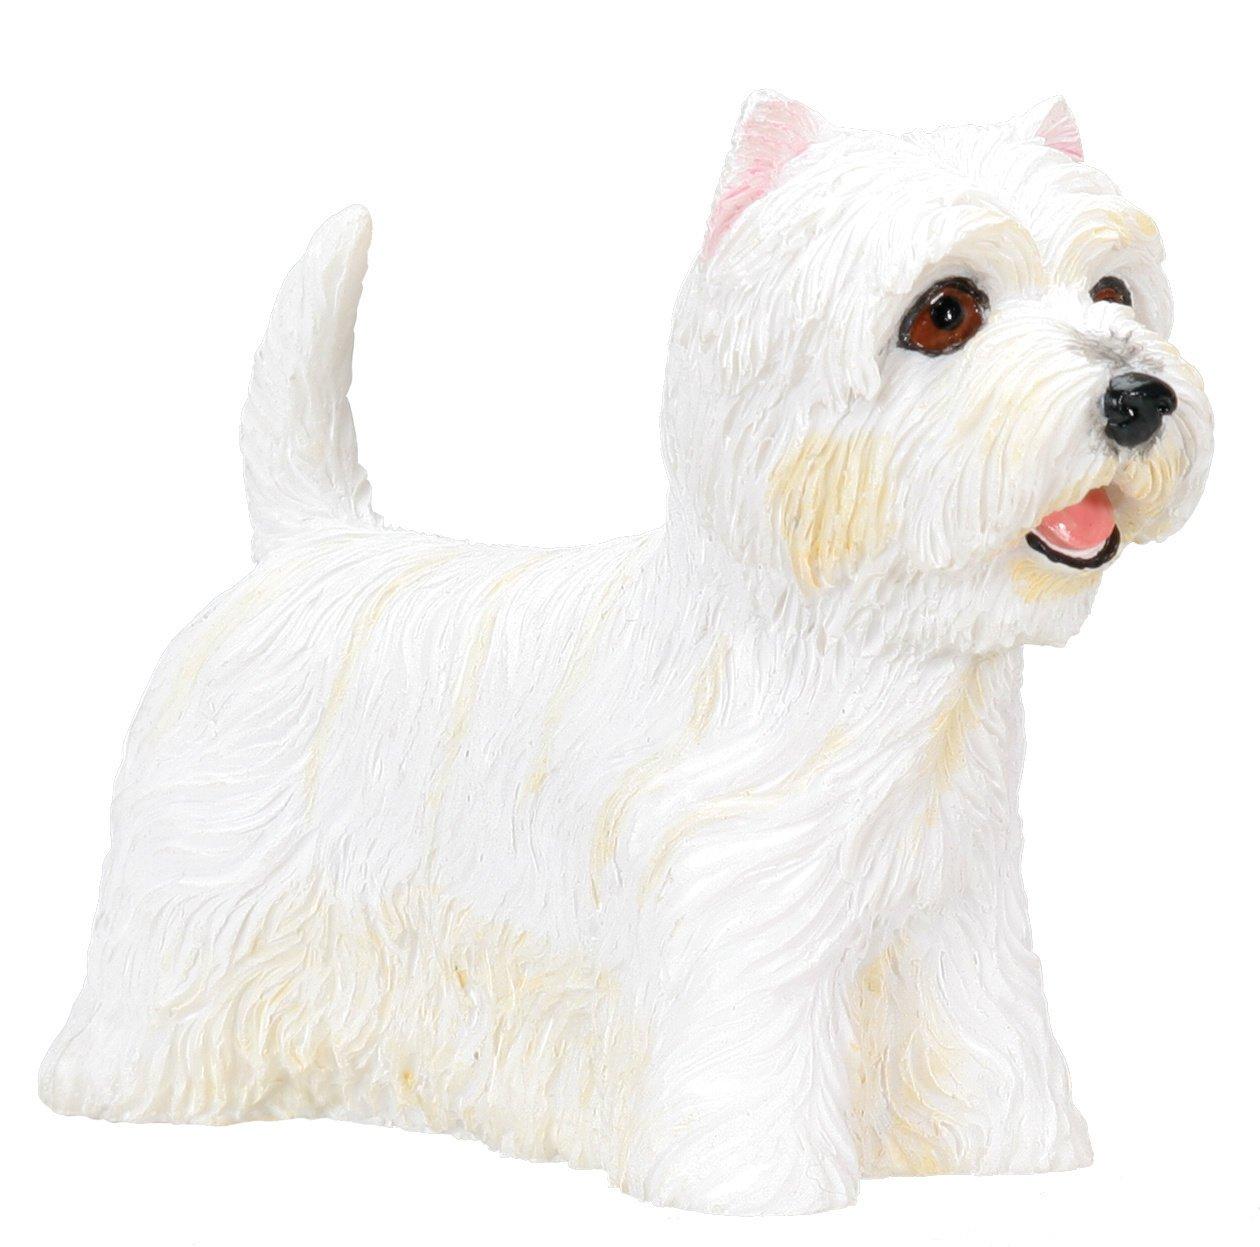 Amazon.com: West Highland Terrier (Westie) Dog   Collectible Statue Figure  Yorkie: Home U0026 Kitchen